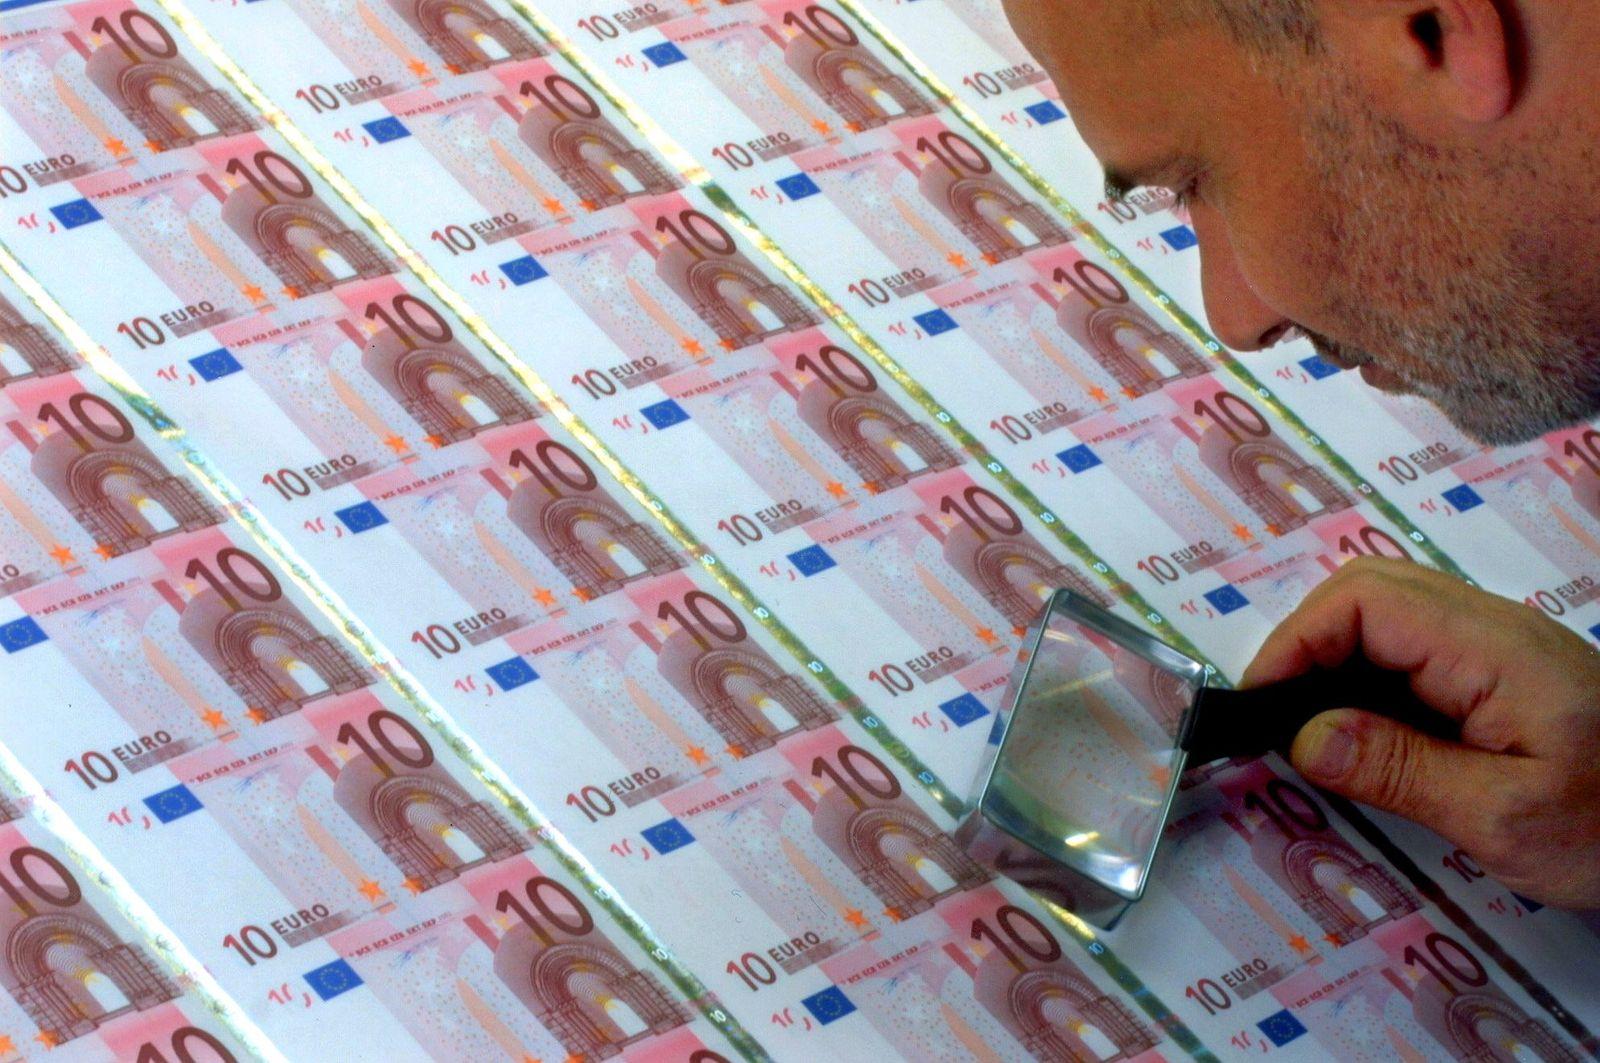 druck von euro-schein / Banknotendruck